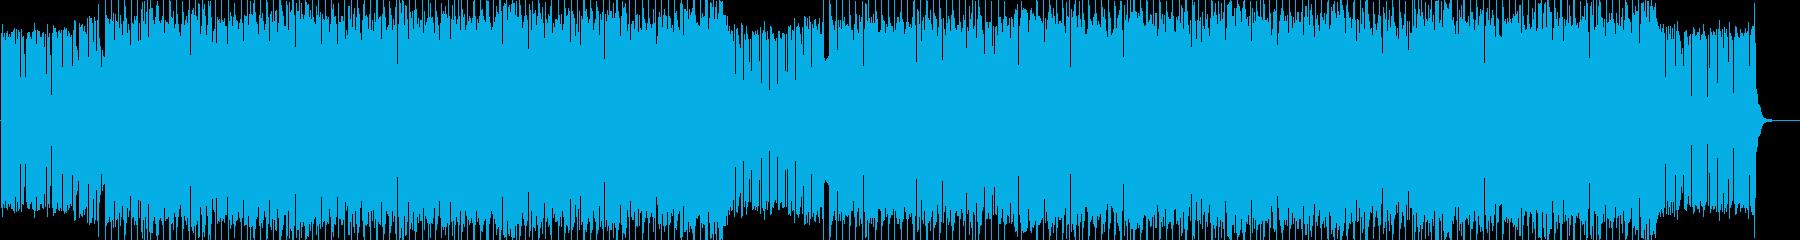 ポップ&アップビートなエレクトロニック♪の再生済みの波形